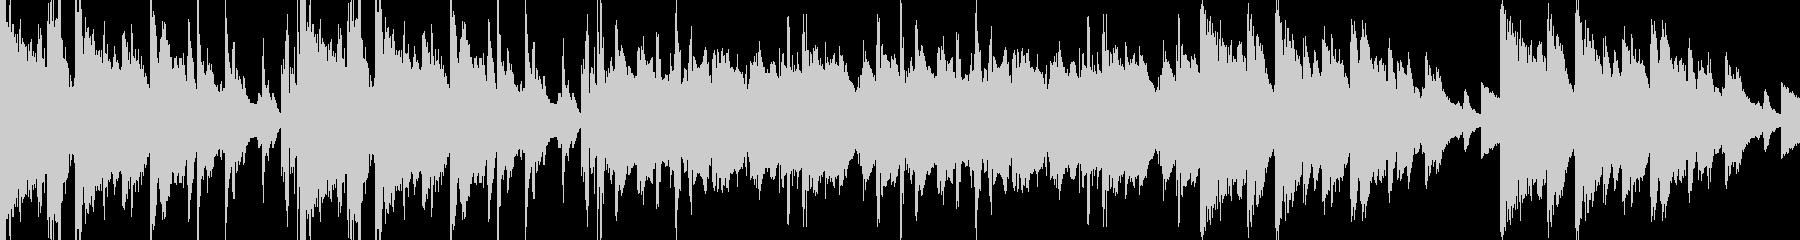 カットアップされたピアノとエレクトロニカの未再生の波形